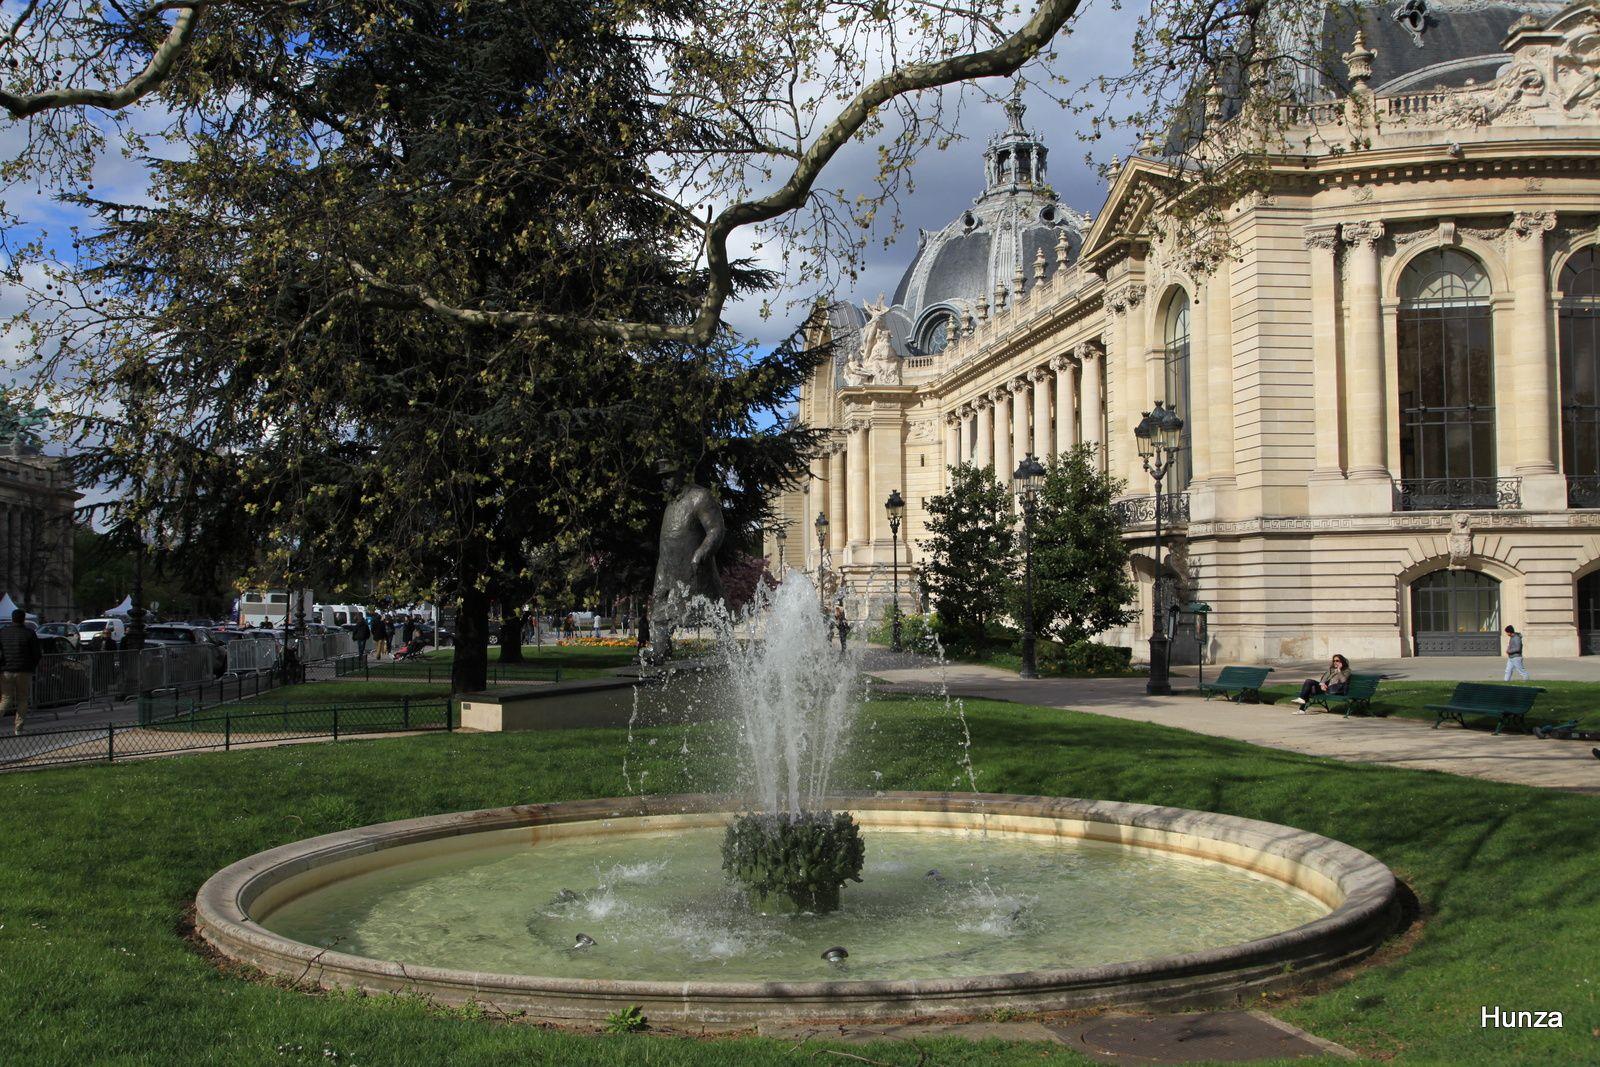 La fontaine côté sud du Petit Palais avec, en arrière plan, la statue de Winston Churchill